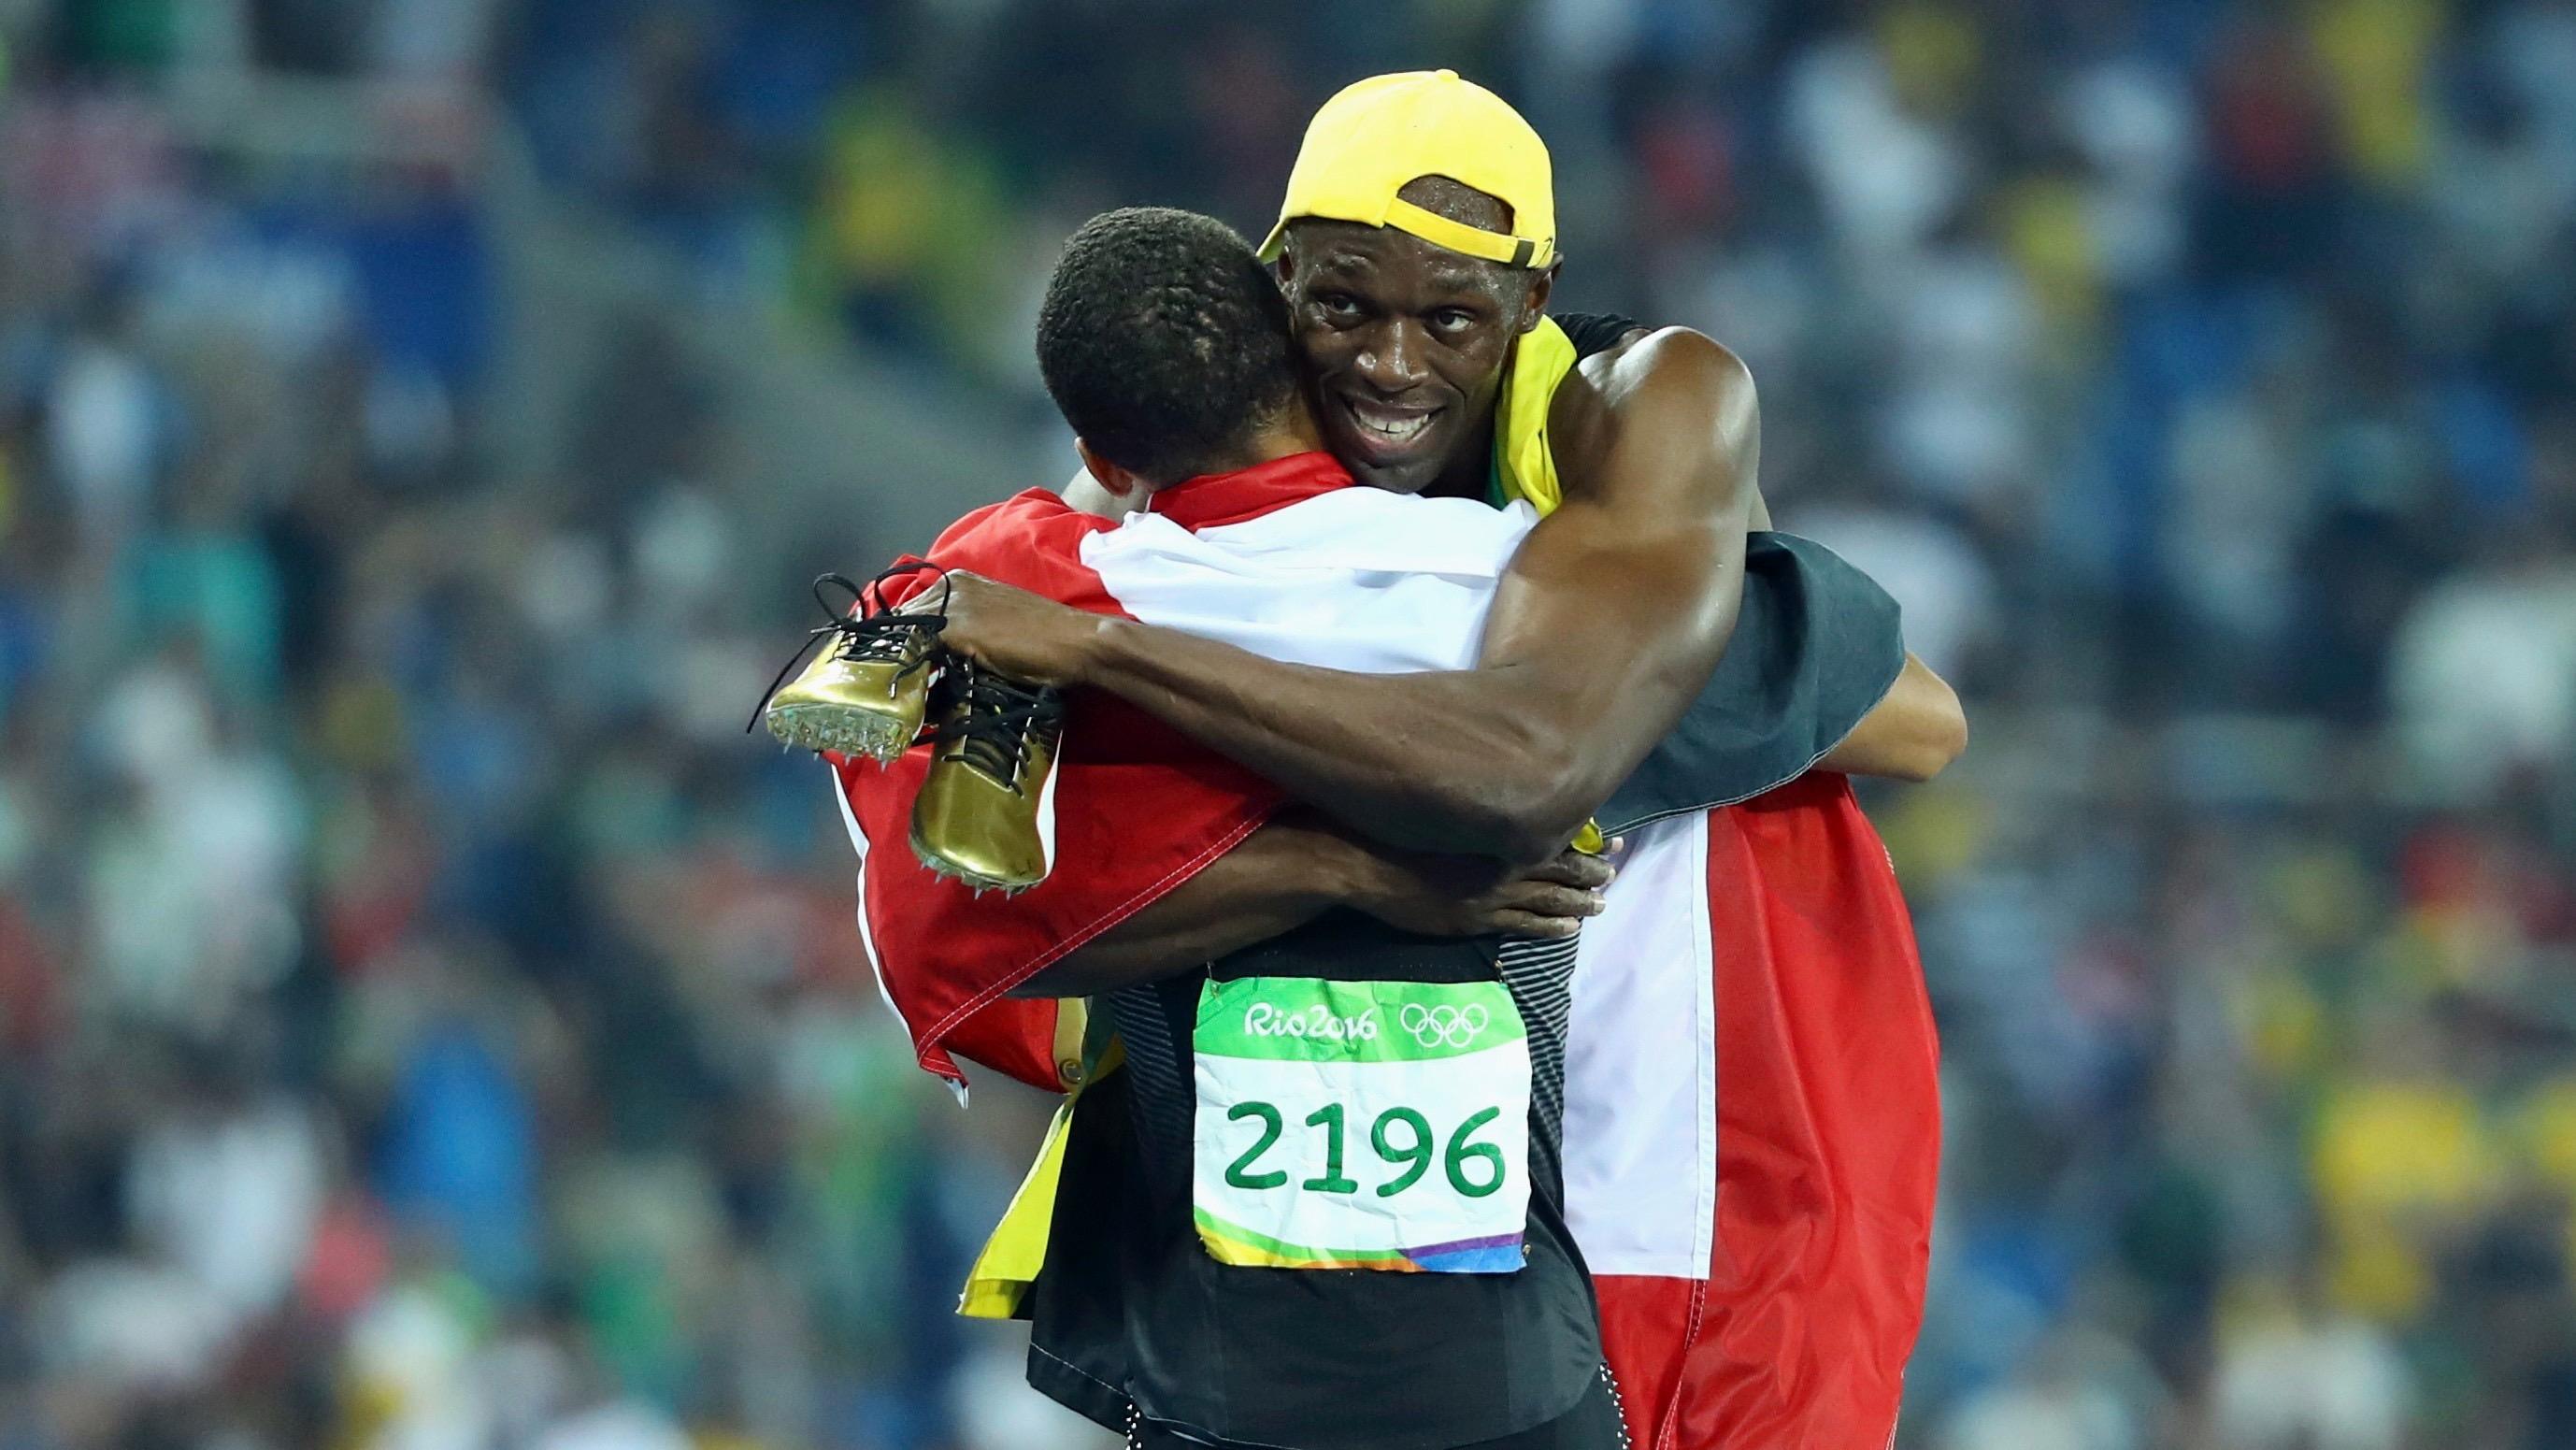 Athletics - Men's 100m Final